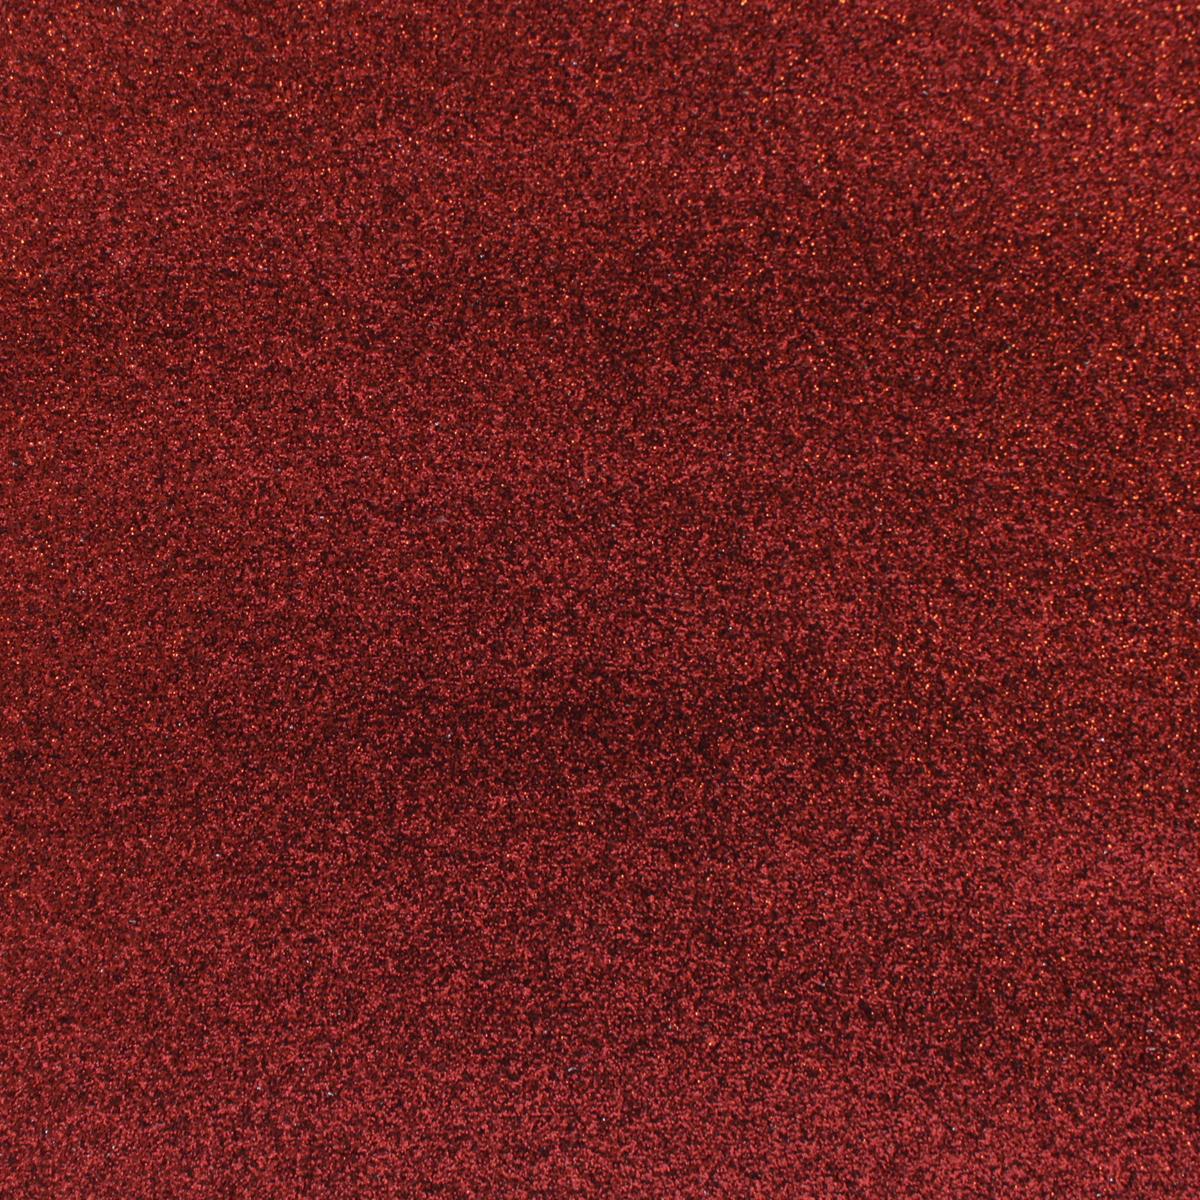 Ткань для рукоделия Ki Sign, с глиттером, цвет: красный, 70 х 45 см97775318Ткань для рукоделия Ki Sign с глиттером (55% ПВХ, 45% полиэстер) предназначена для шитья текстильных кукол и игрушек, пэчворк-работ, для квилтинга и скрапбукинга. Такая ткань удобна в раскрое, не скользит, легко стирается и достаточно прочная.